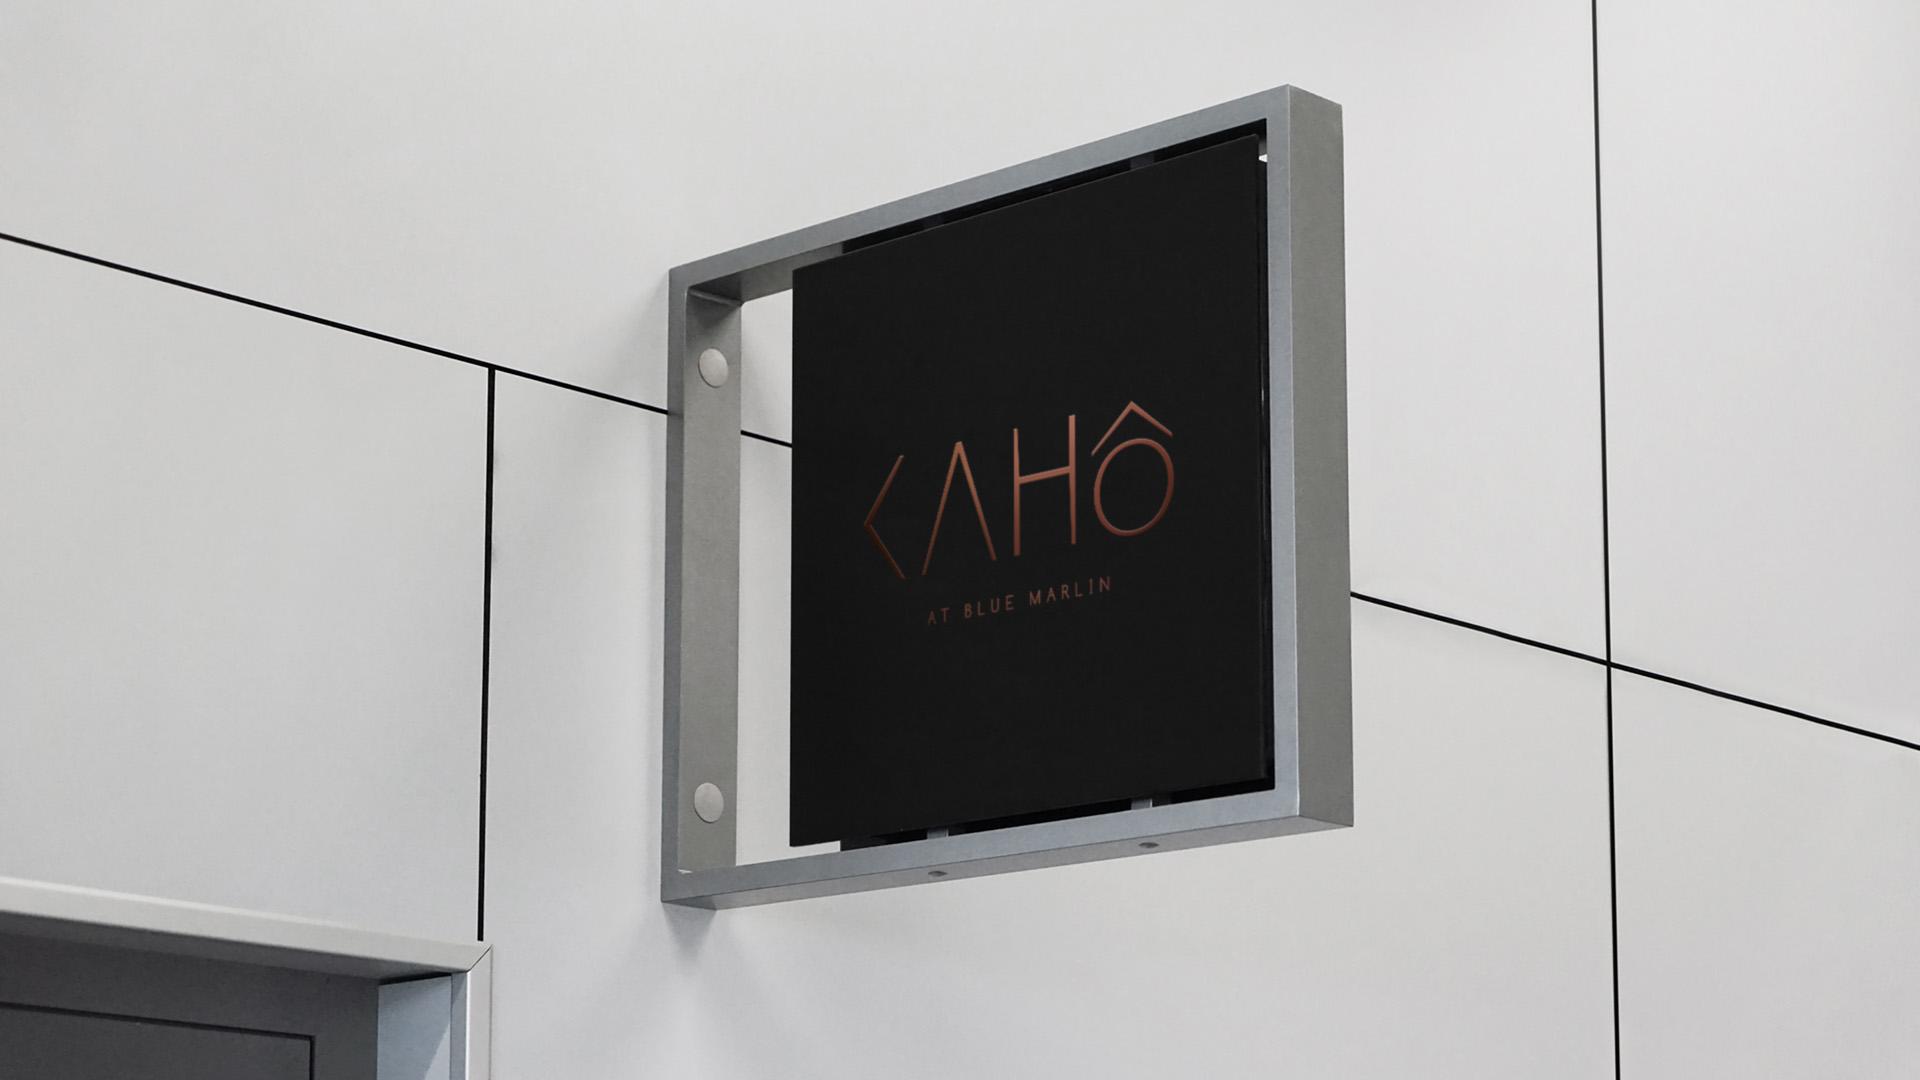 Kaho 06